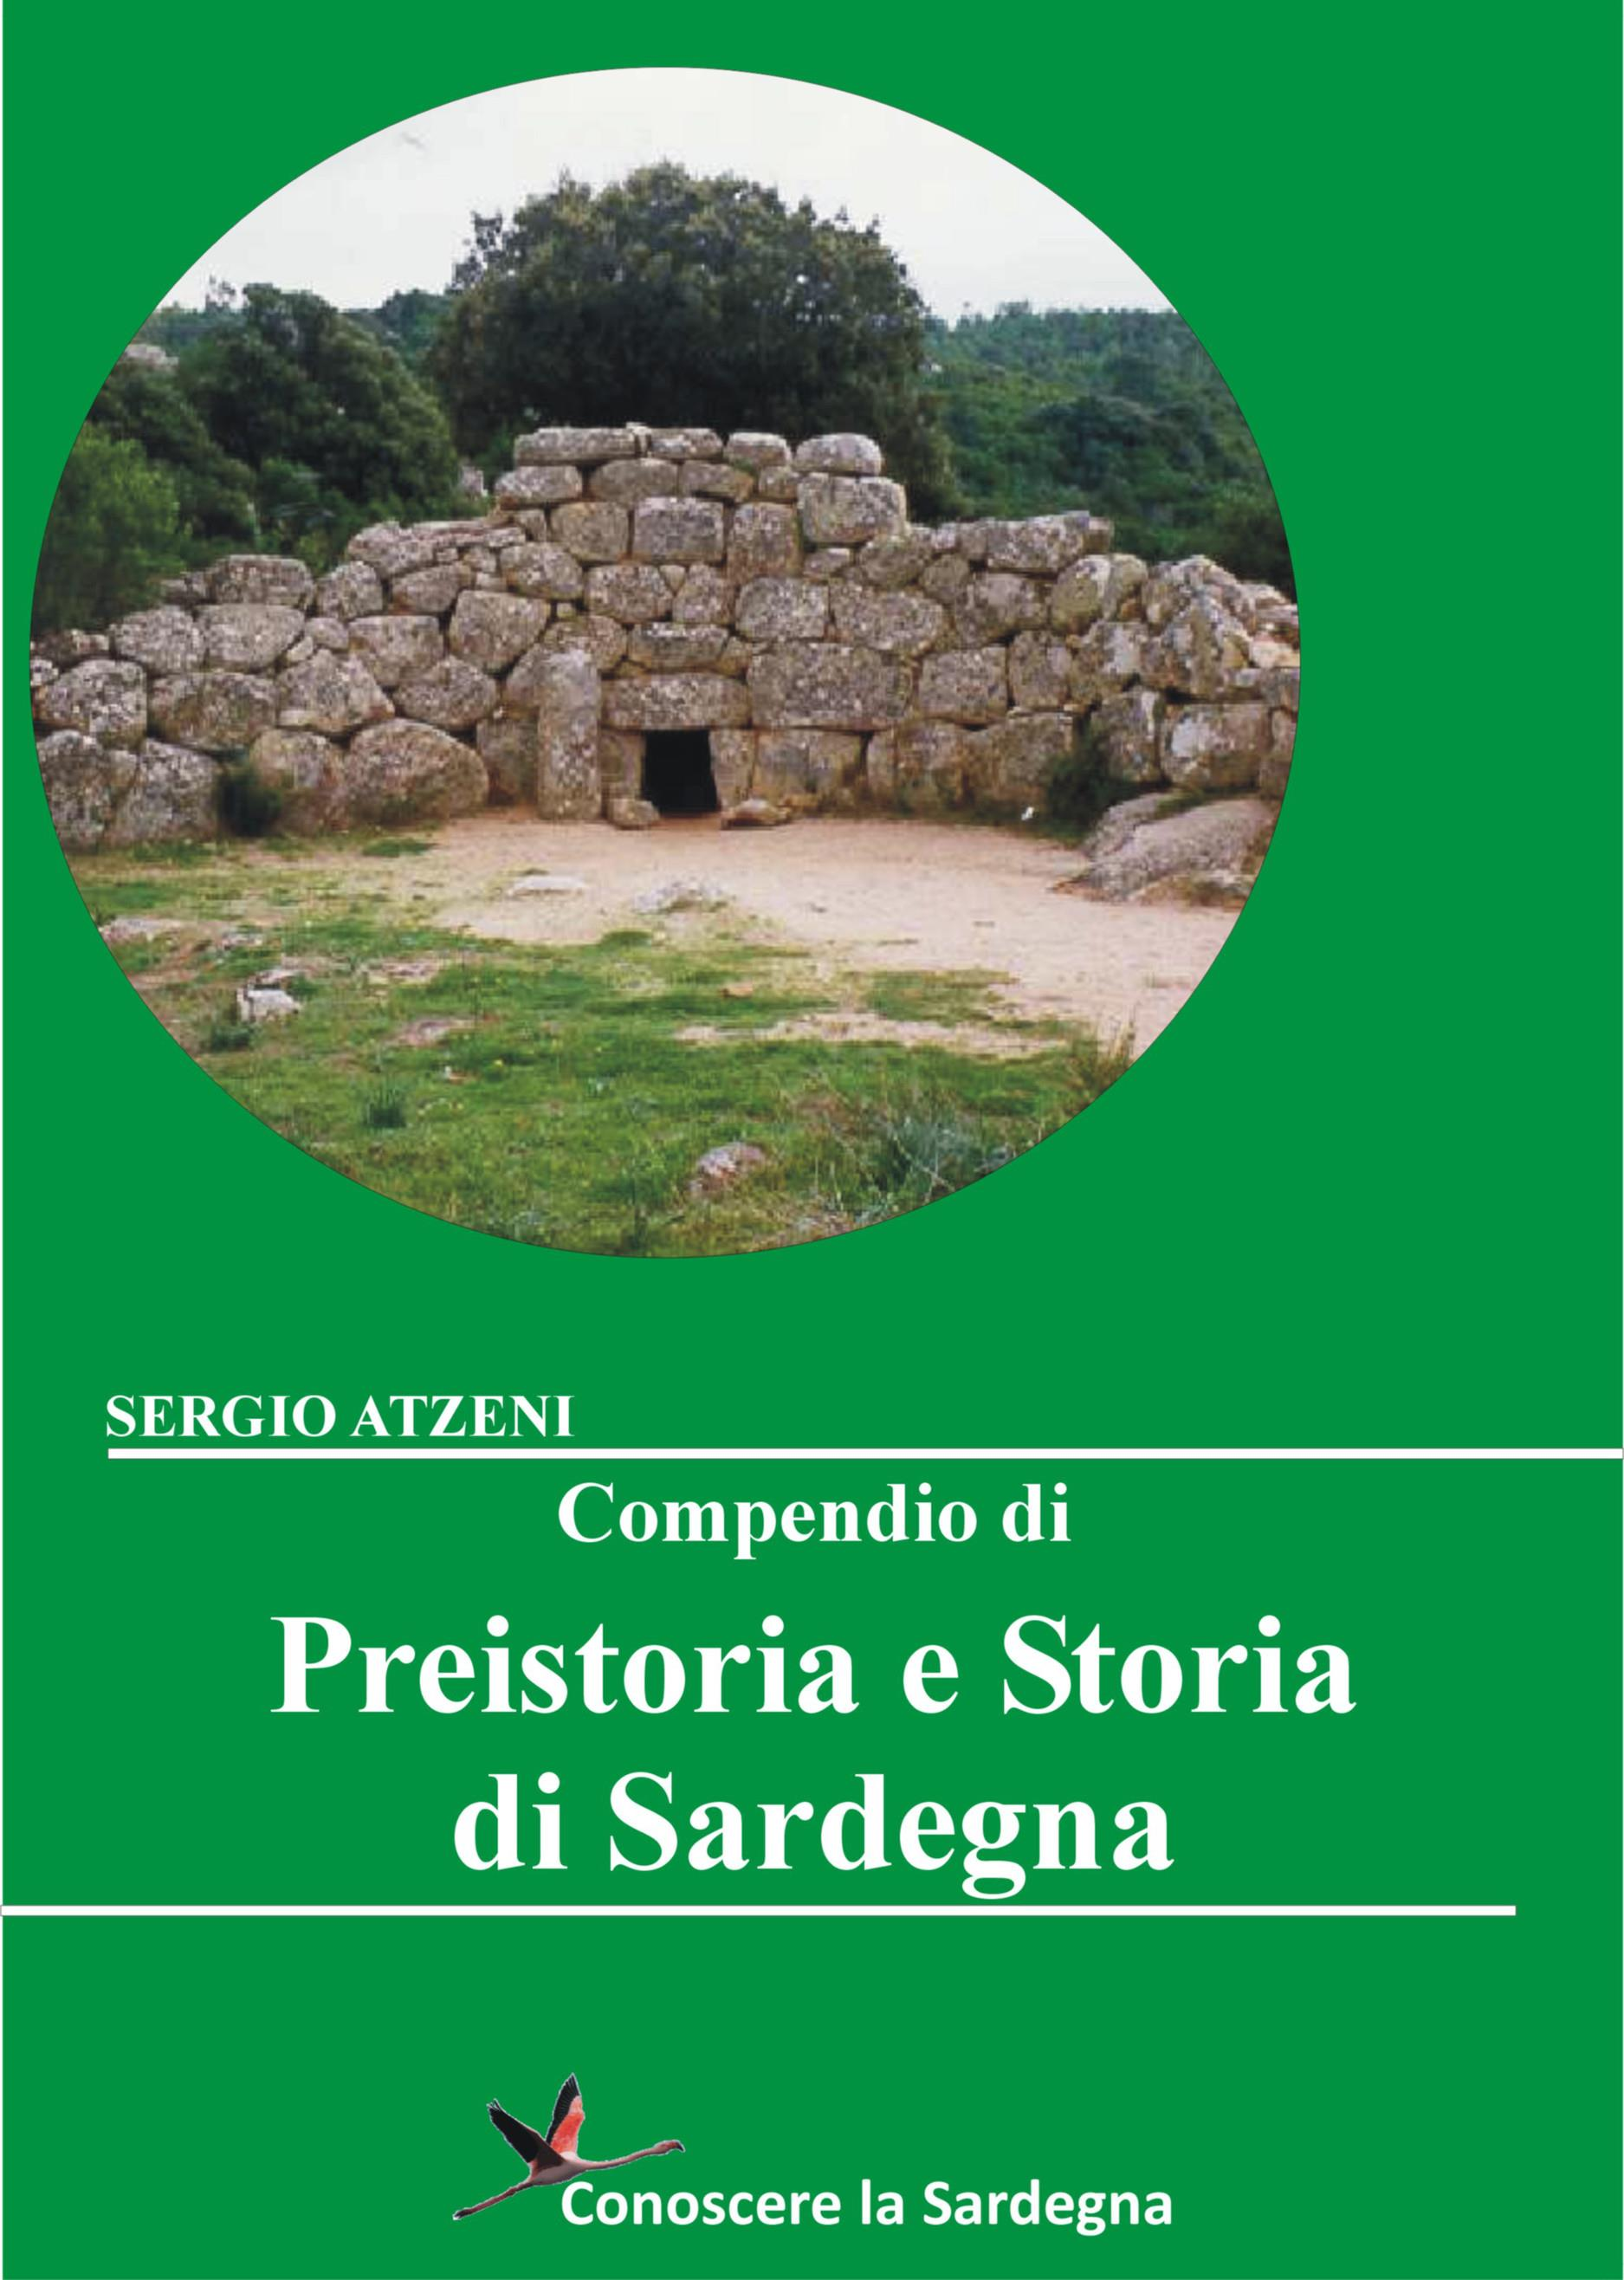 Compendio di Preistoria e Storia di Sardegna